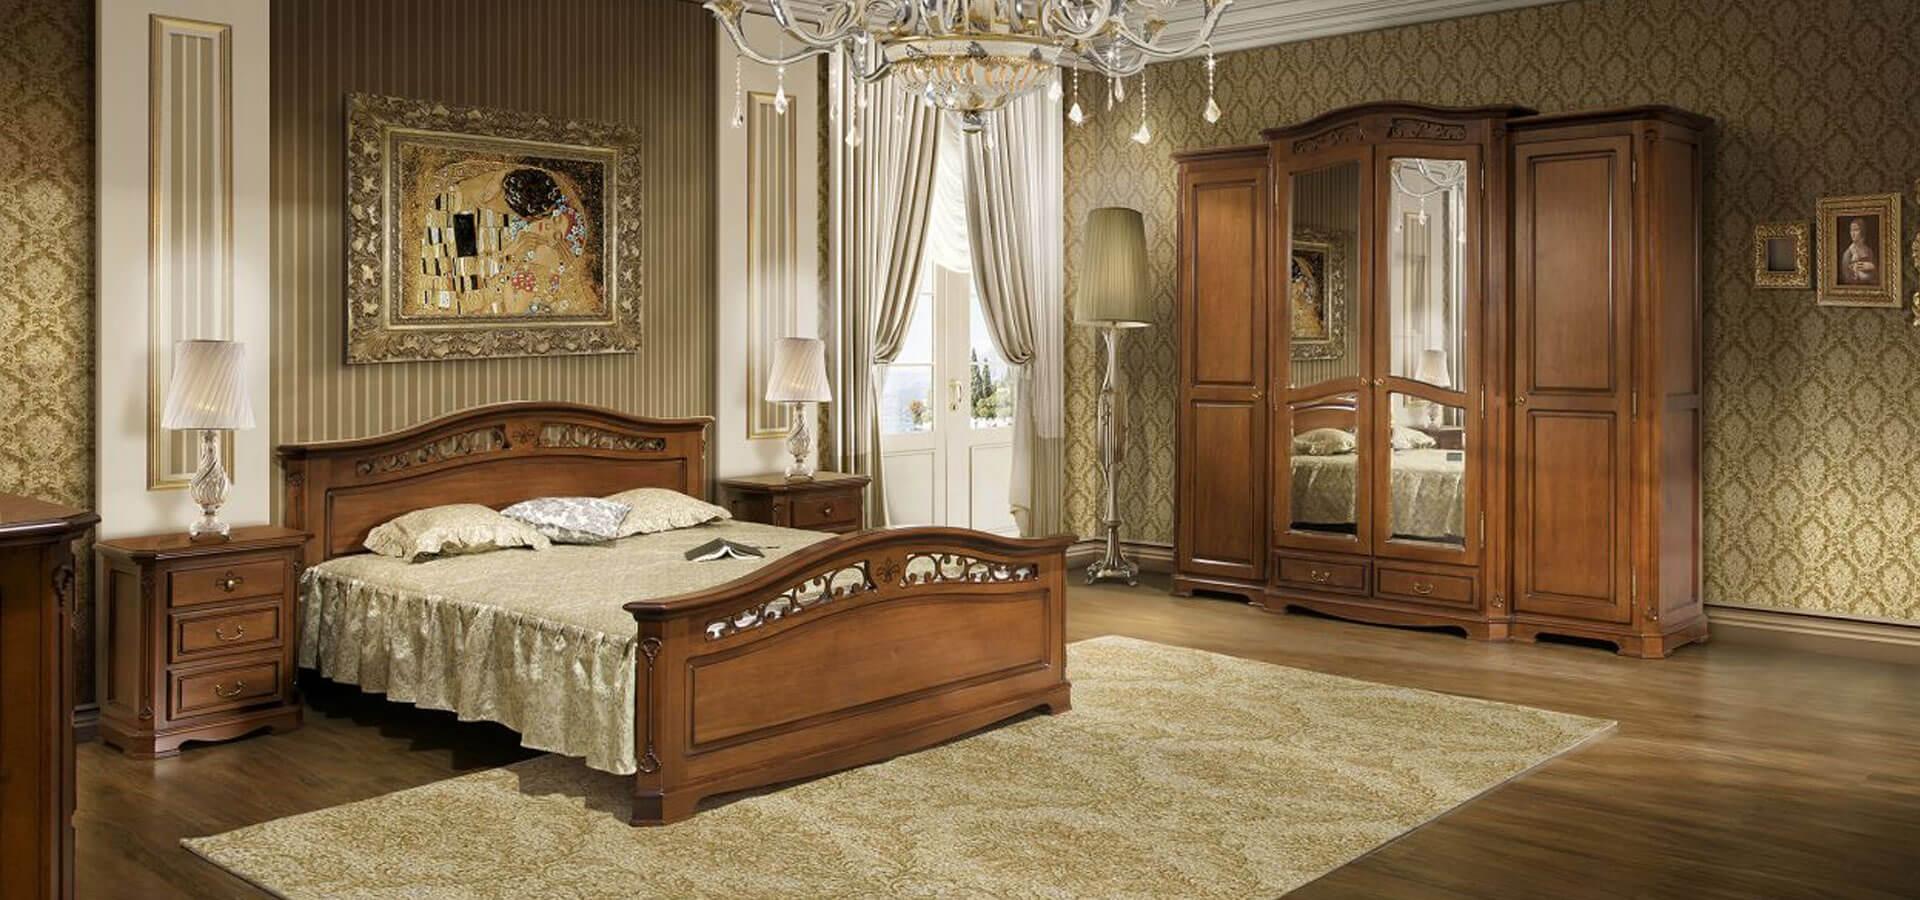 Спални от масивно дърво - мебели от естествено дърво